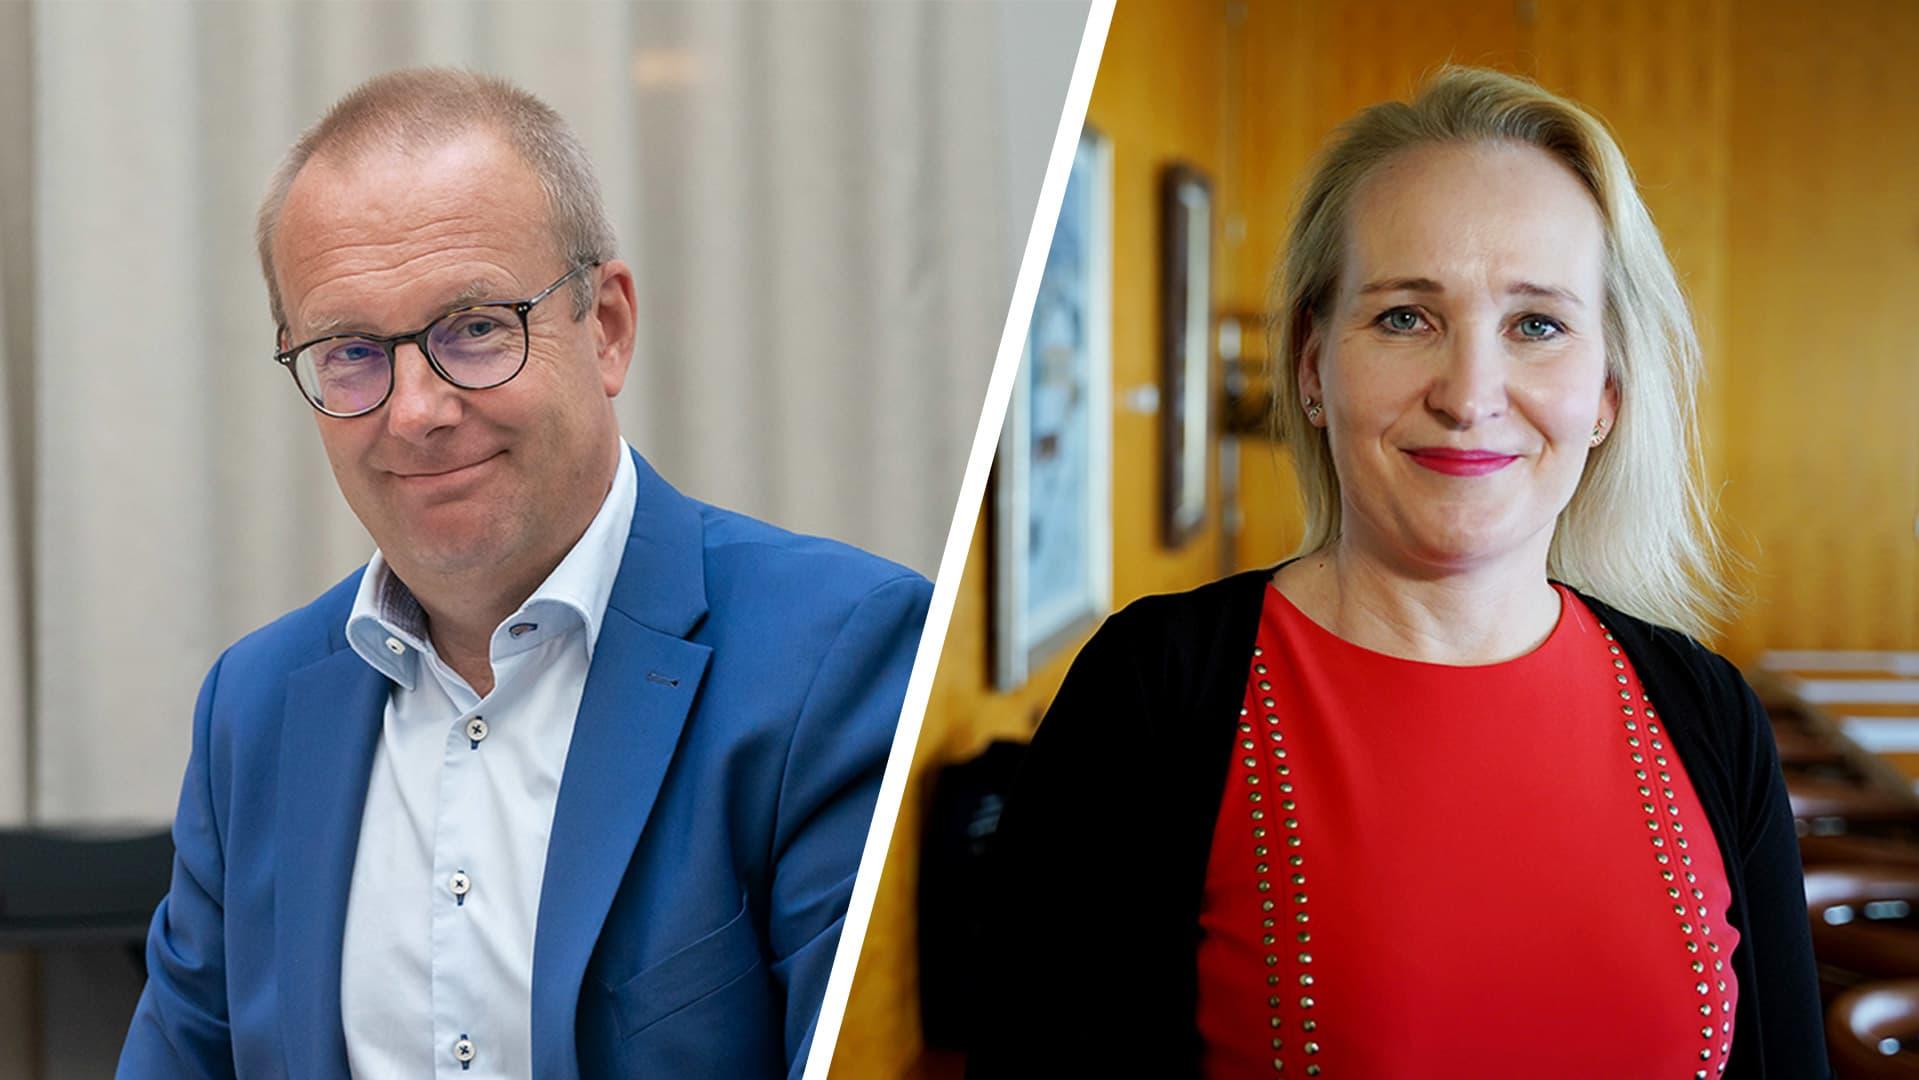 SAK:n puheenjohtaja Jarkko Eloranta ja Teknologiateollisuuden varatoimitusjohtaja Minna Helle.